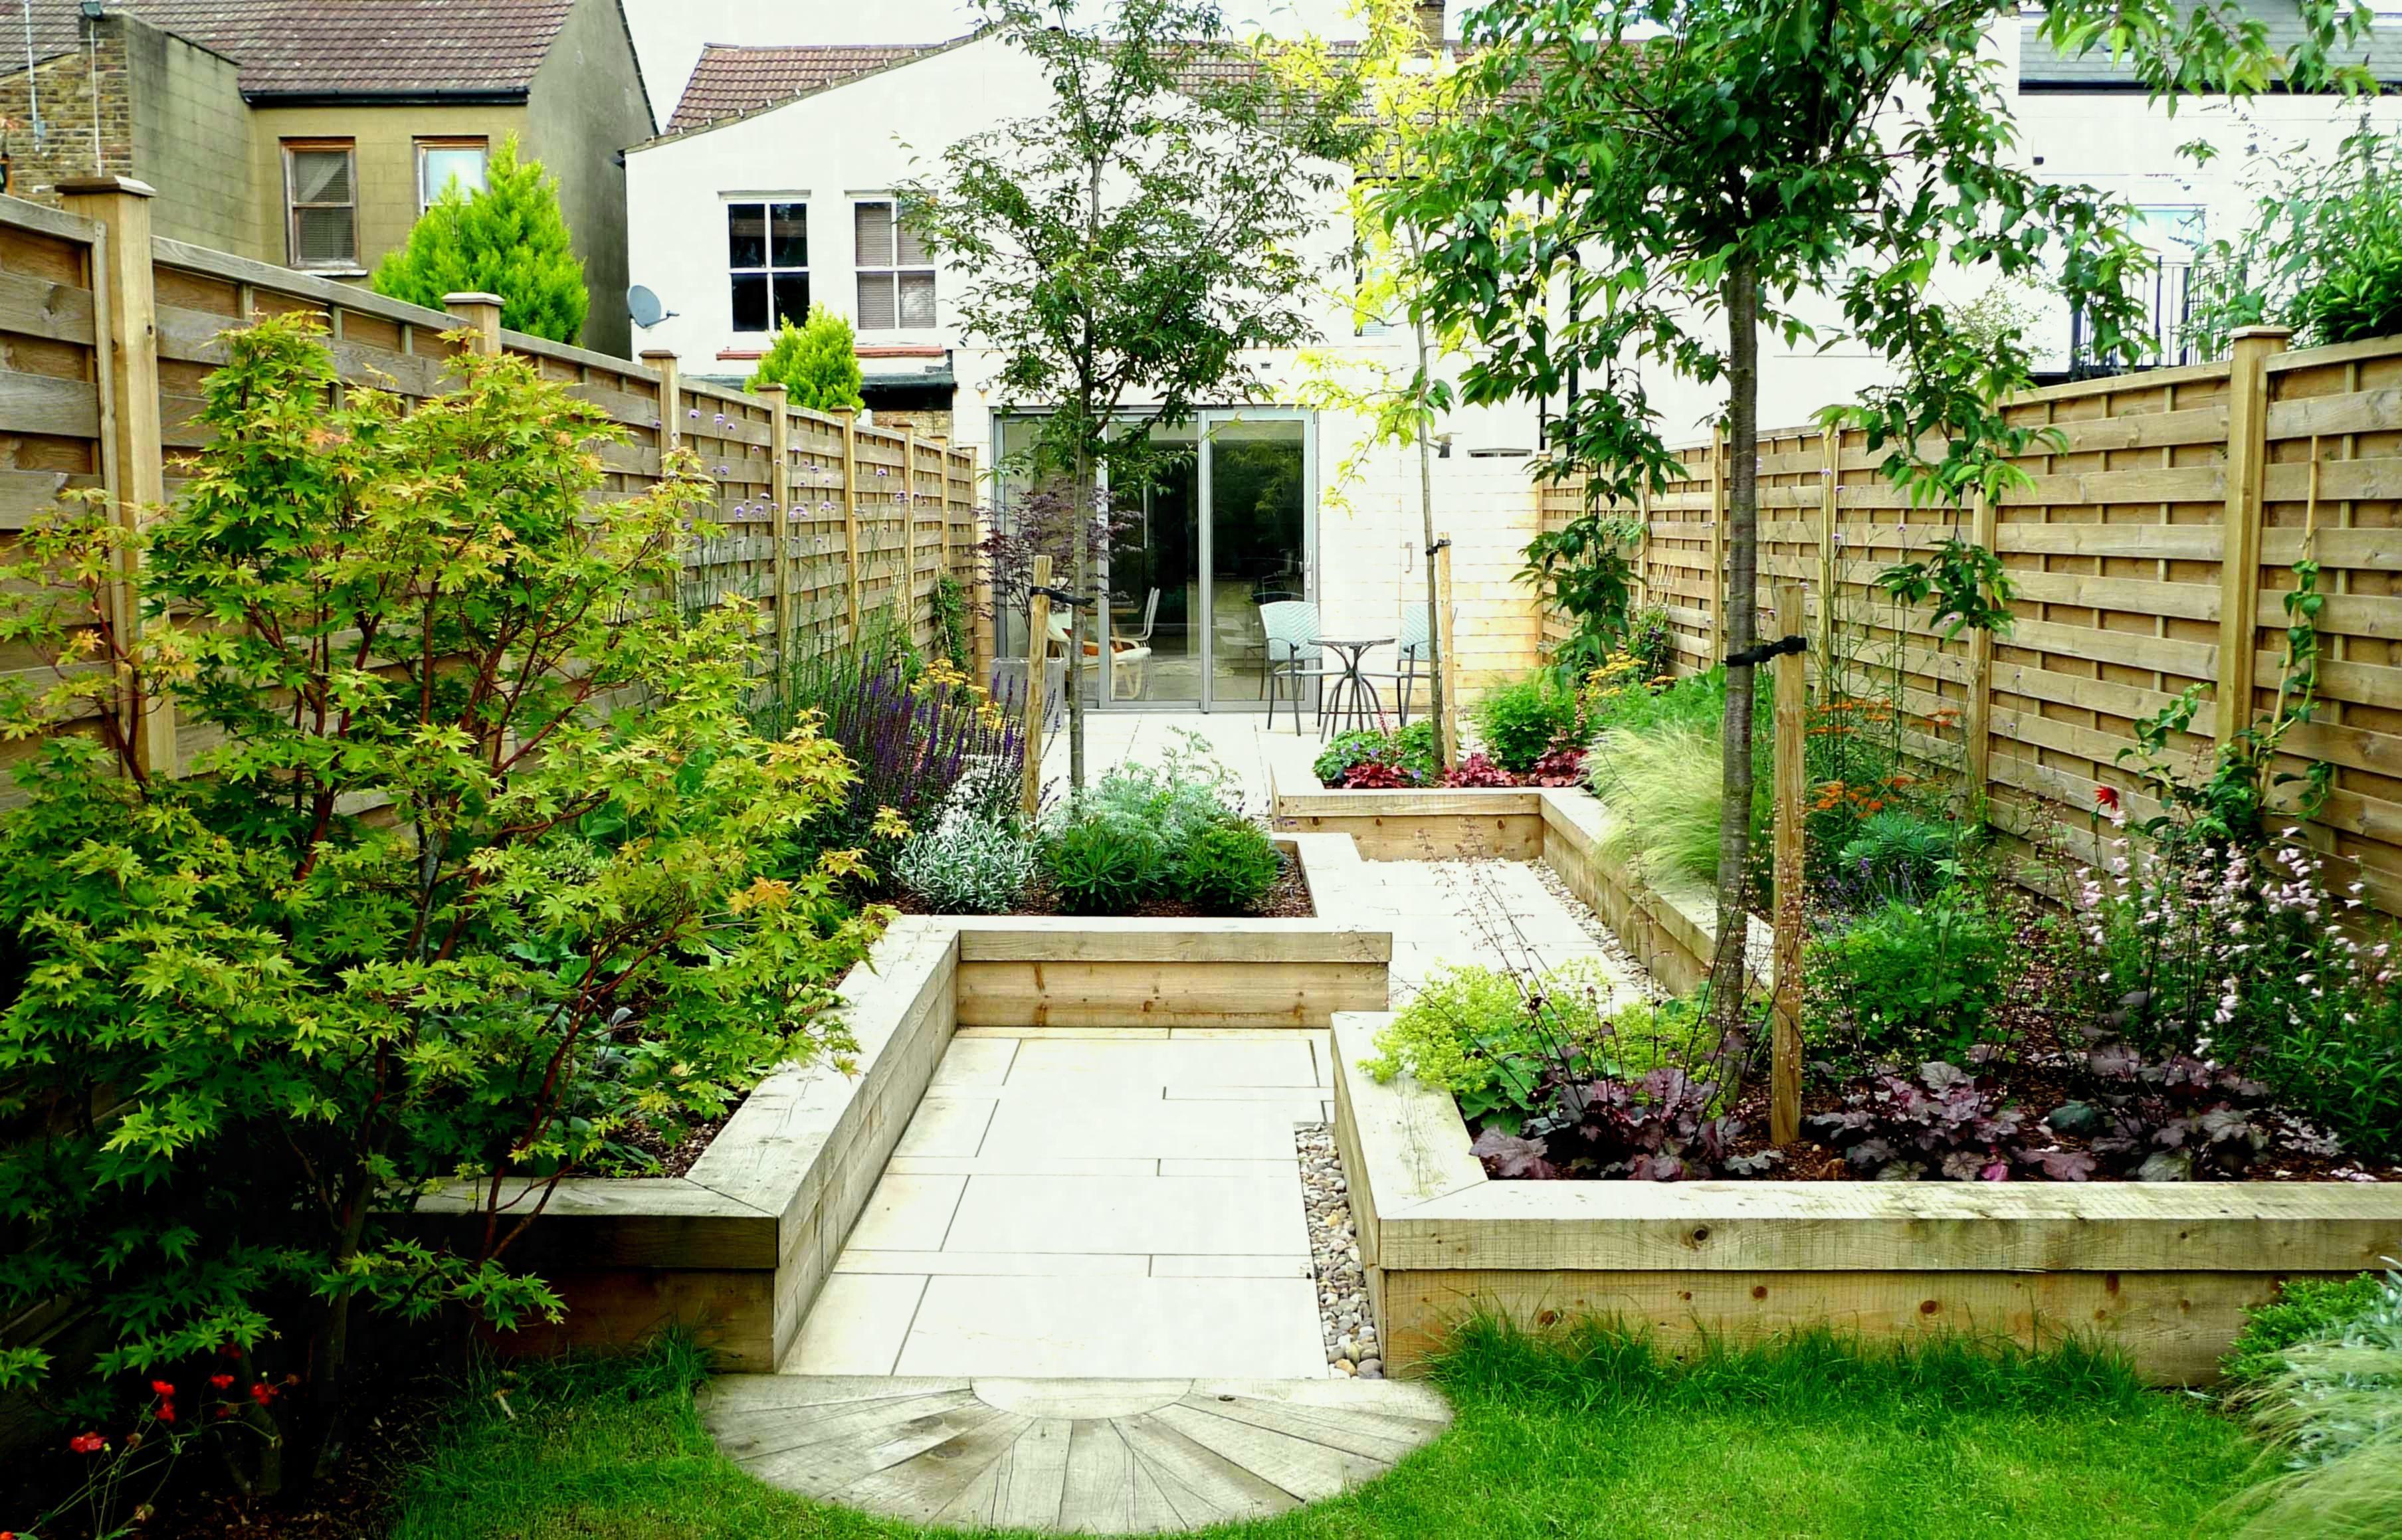 Garden Small Home Garden Plans Very Small Garden Design Simple